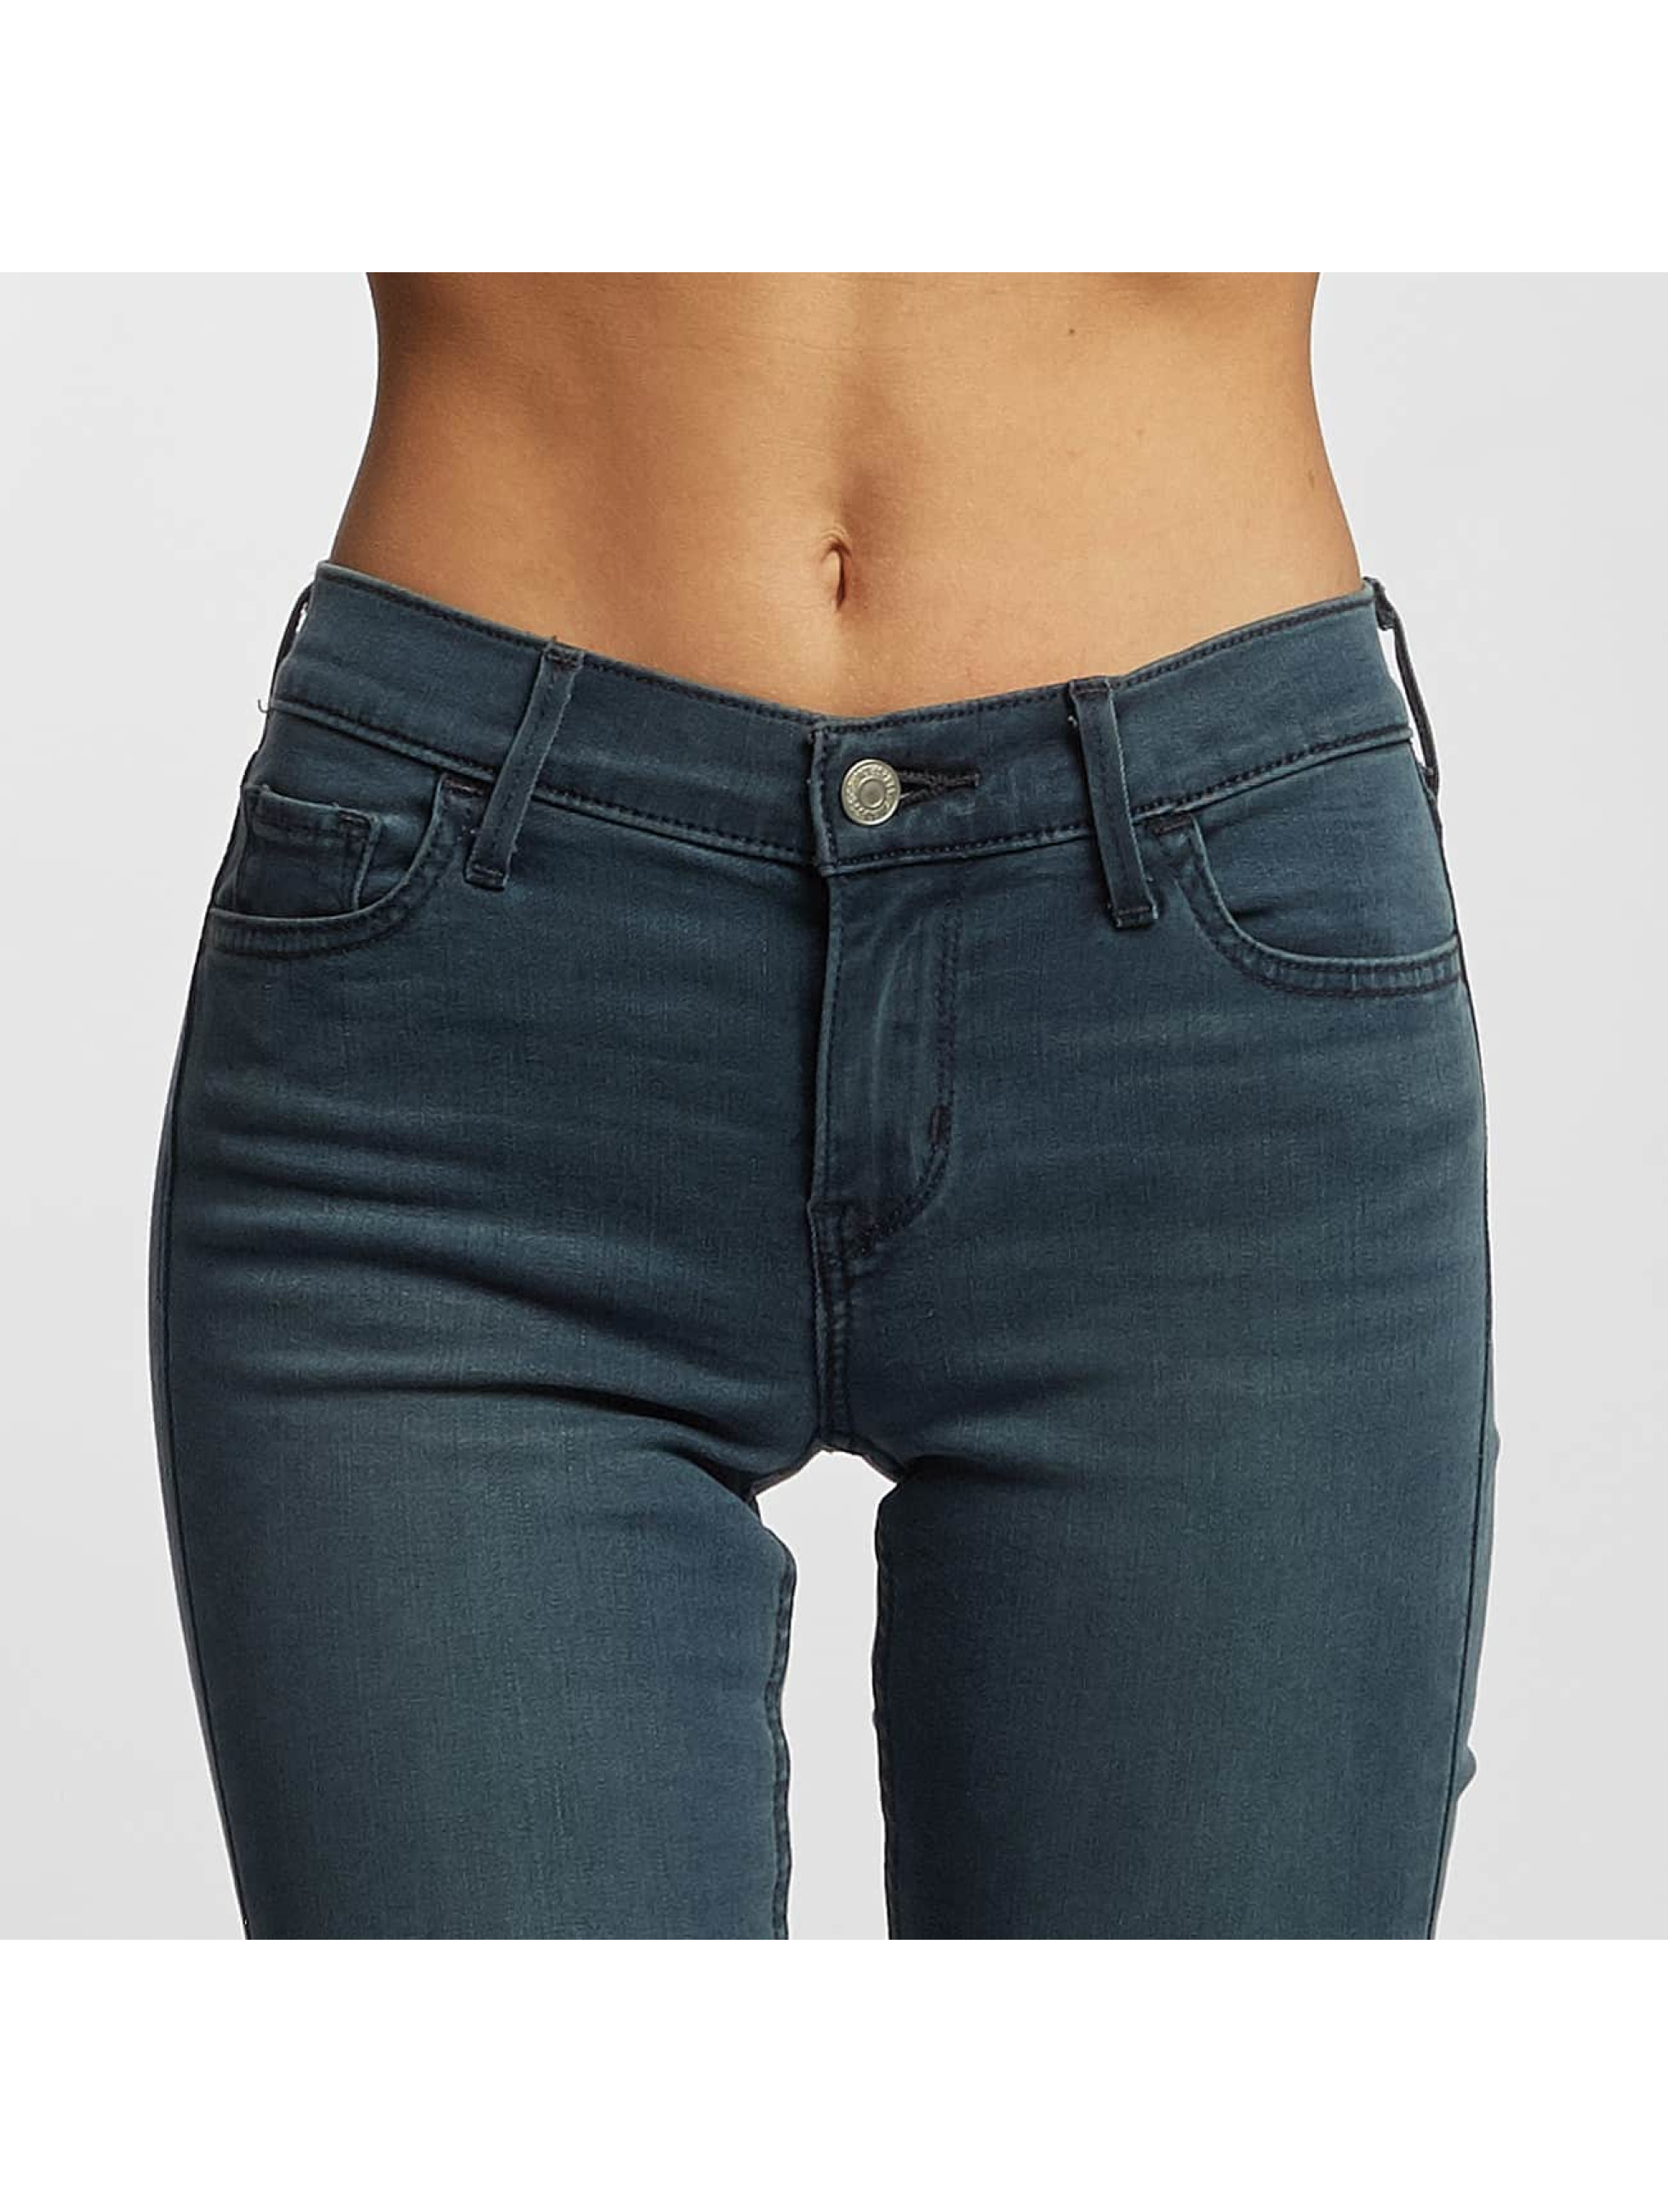 Levi's® Skinny Jeans Innovation 710 Super grau